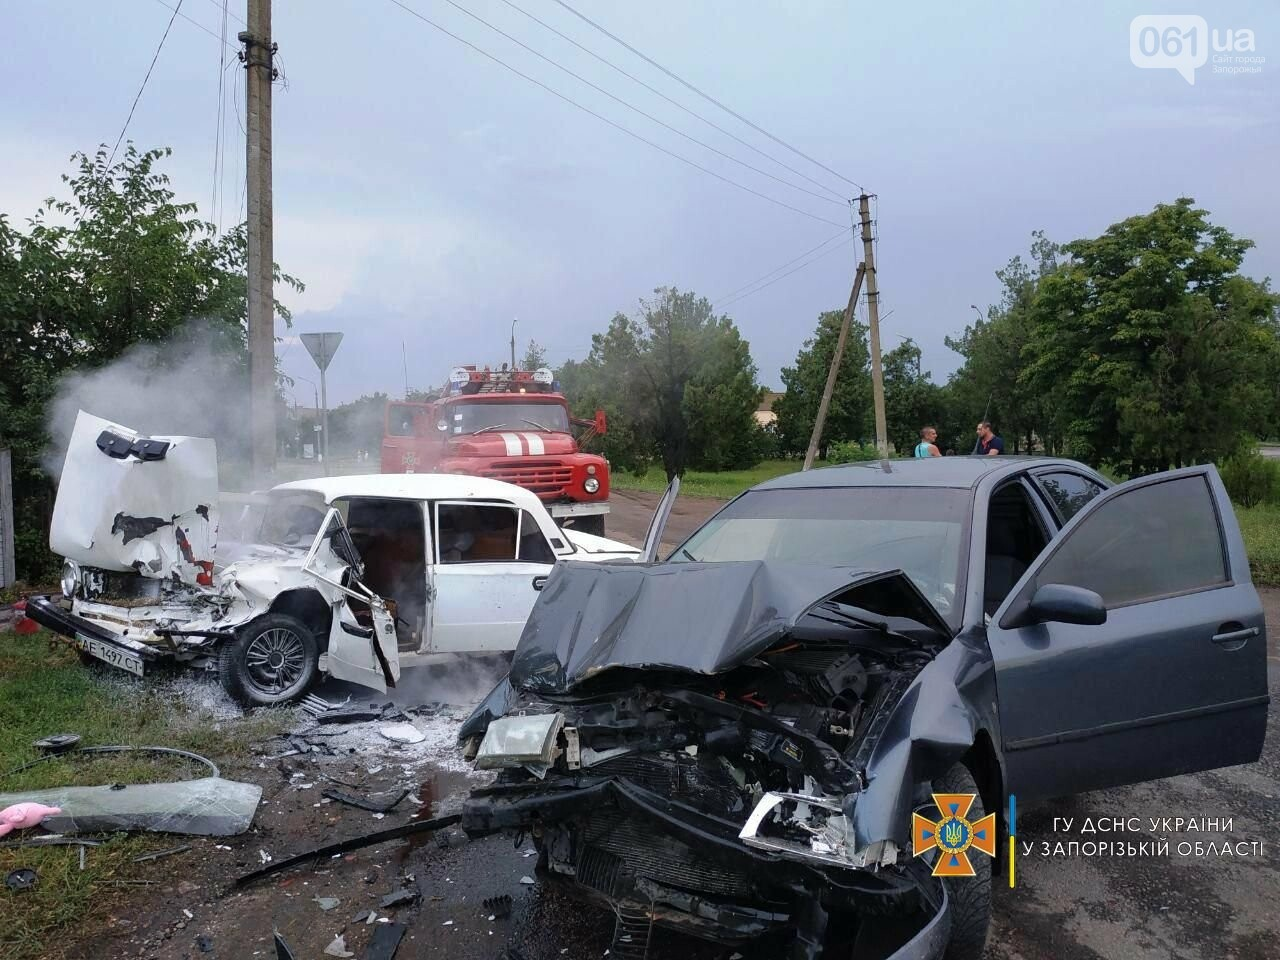 photo2021 07 1308 29 55result 1 60ed3da990a42 - В Бердянском районе не поделили дорогу два легковых авто: в ДТП пострадали 5 человек, - ФОТО